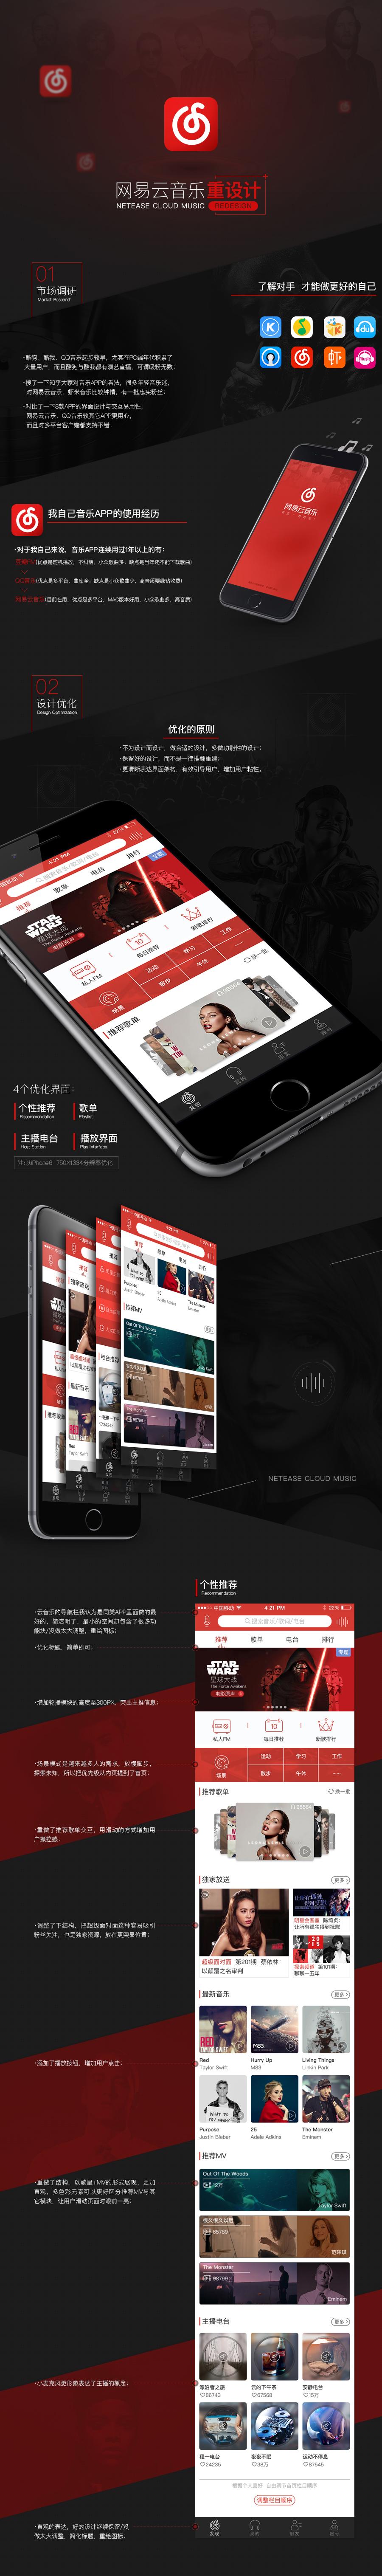 查看《2016-网易云音乐Redesign》原图,原图尺寸:900x6066